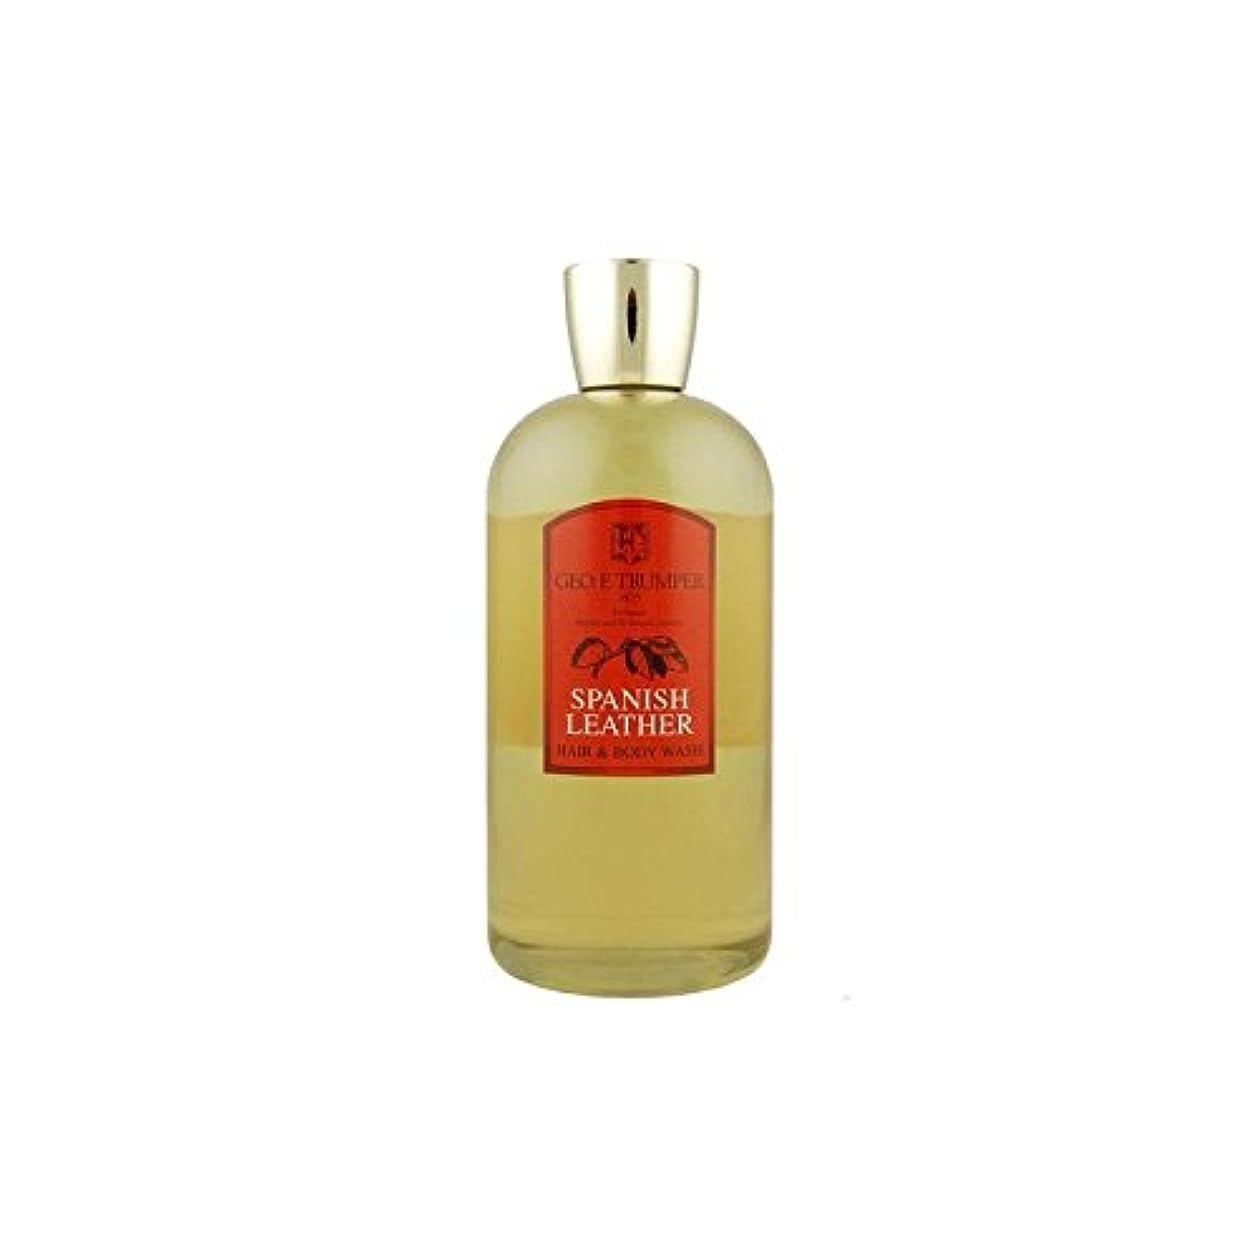 変装確認してください九月革の髪とボディウォッシュスペイン語 - 500ボトル x2 - Trumpers Spanish Leather Hair and Body Wash - 500mlTravel Bottle (Pack of 2) [...